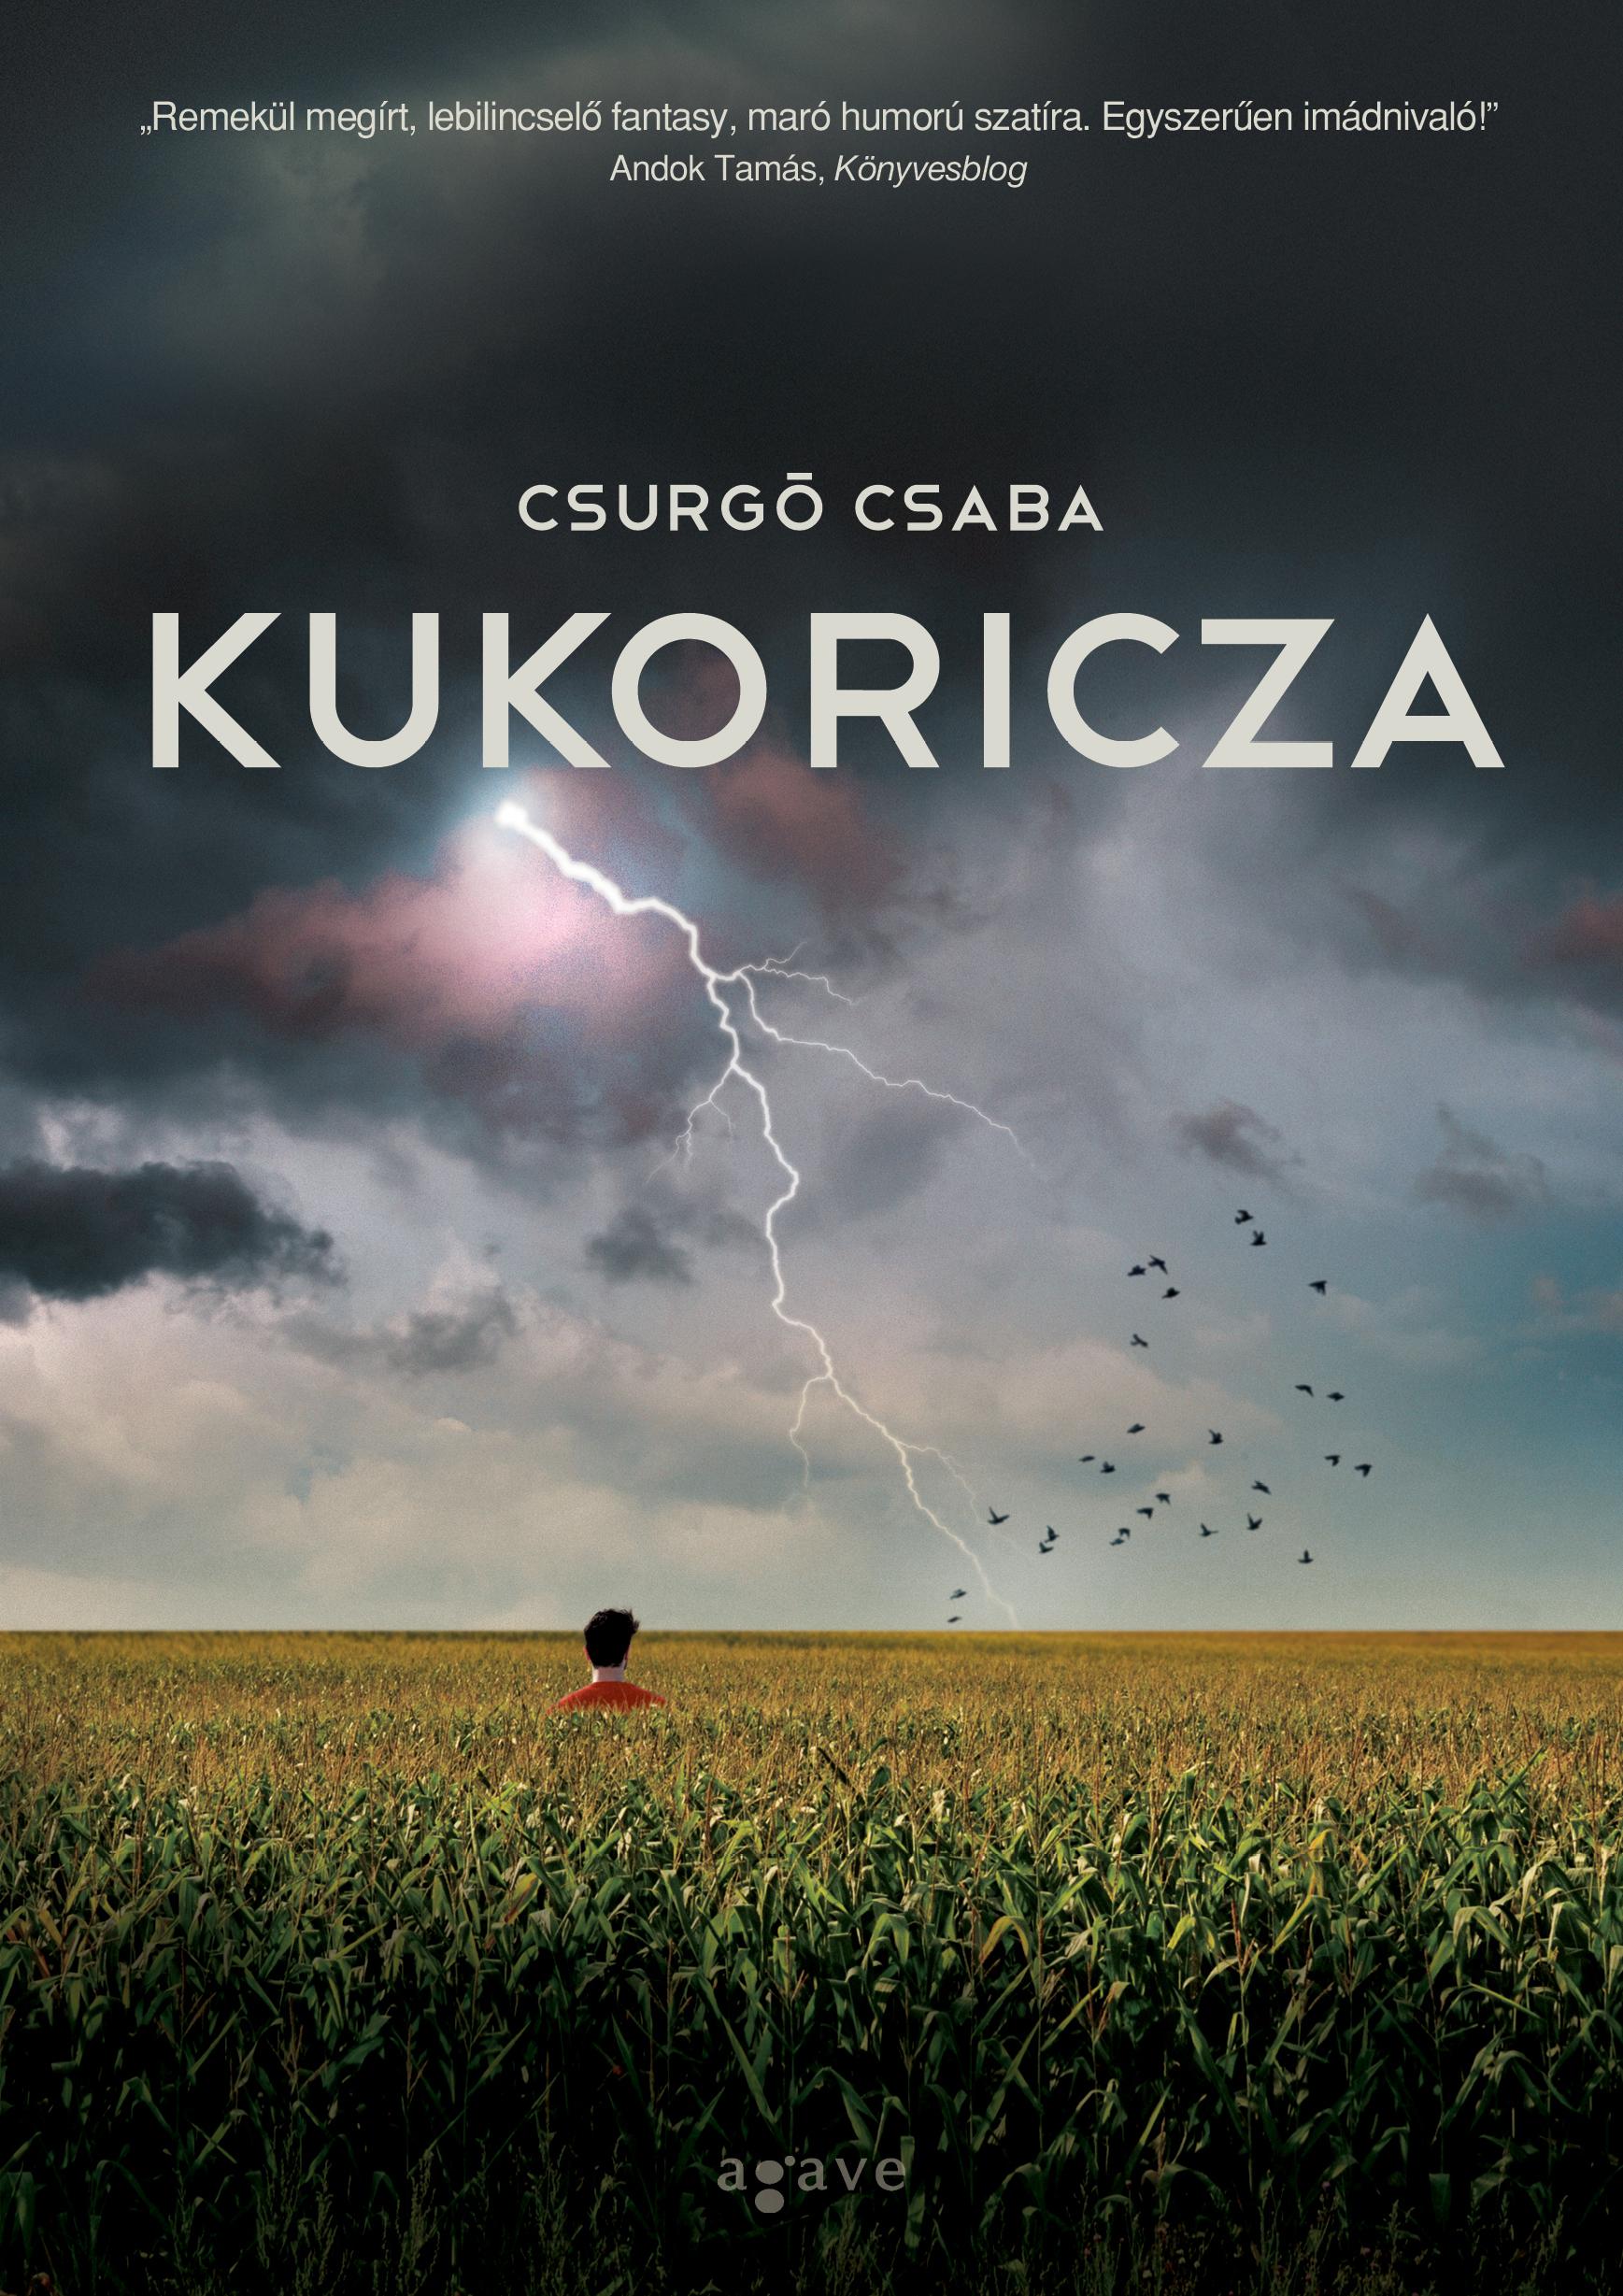 csurgo_csaba_kukoricza.jpg